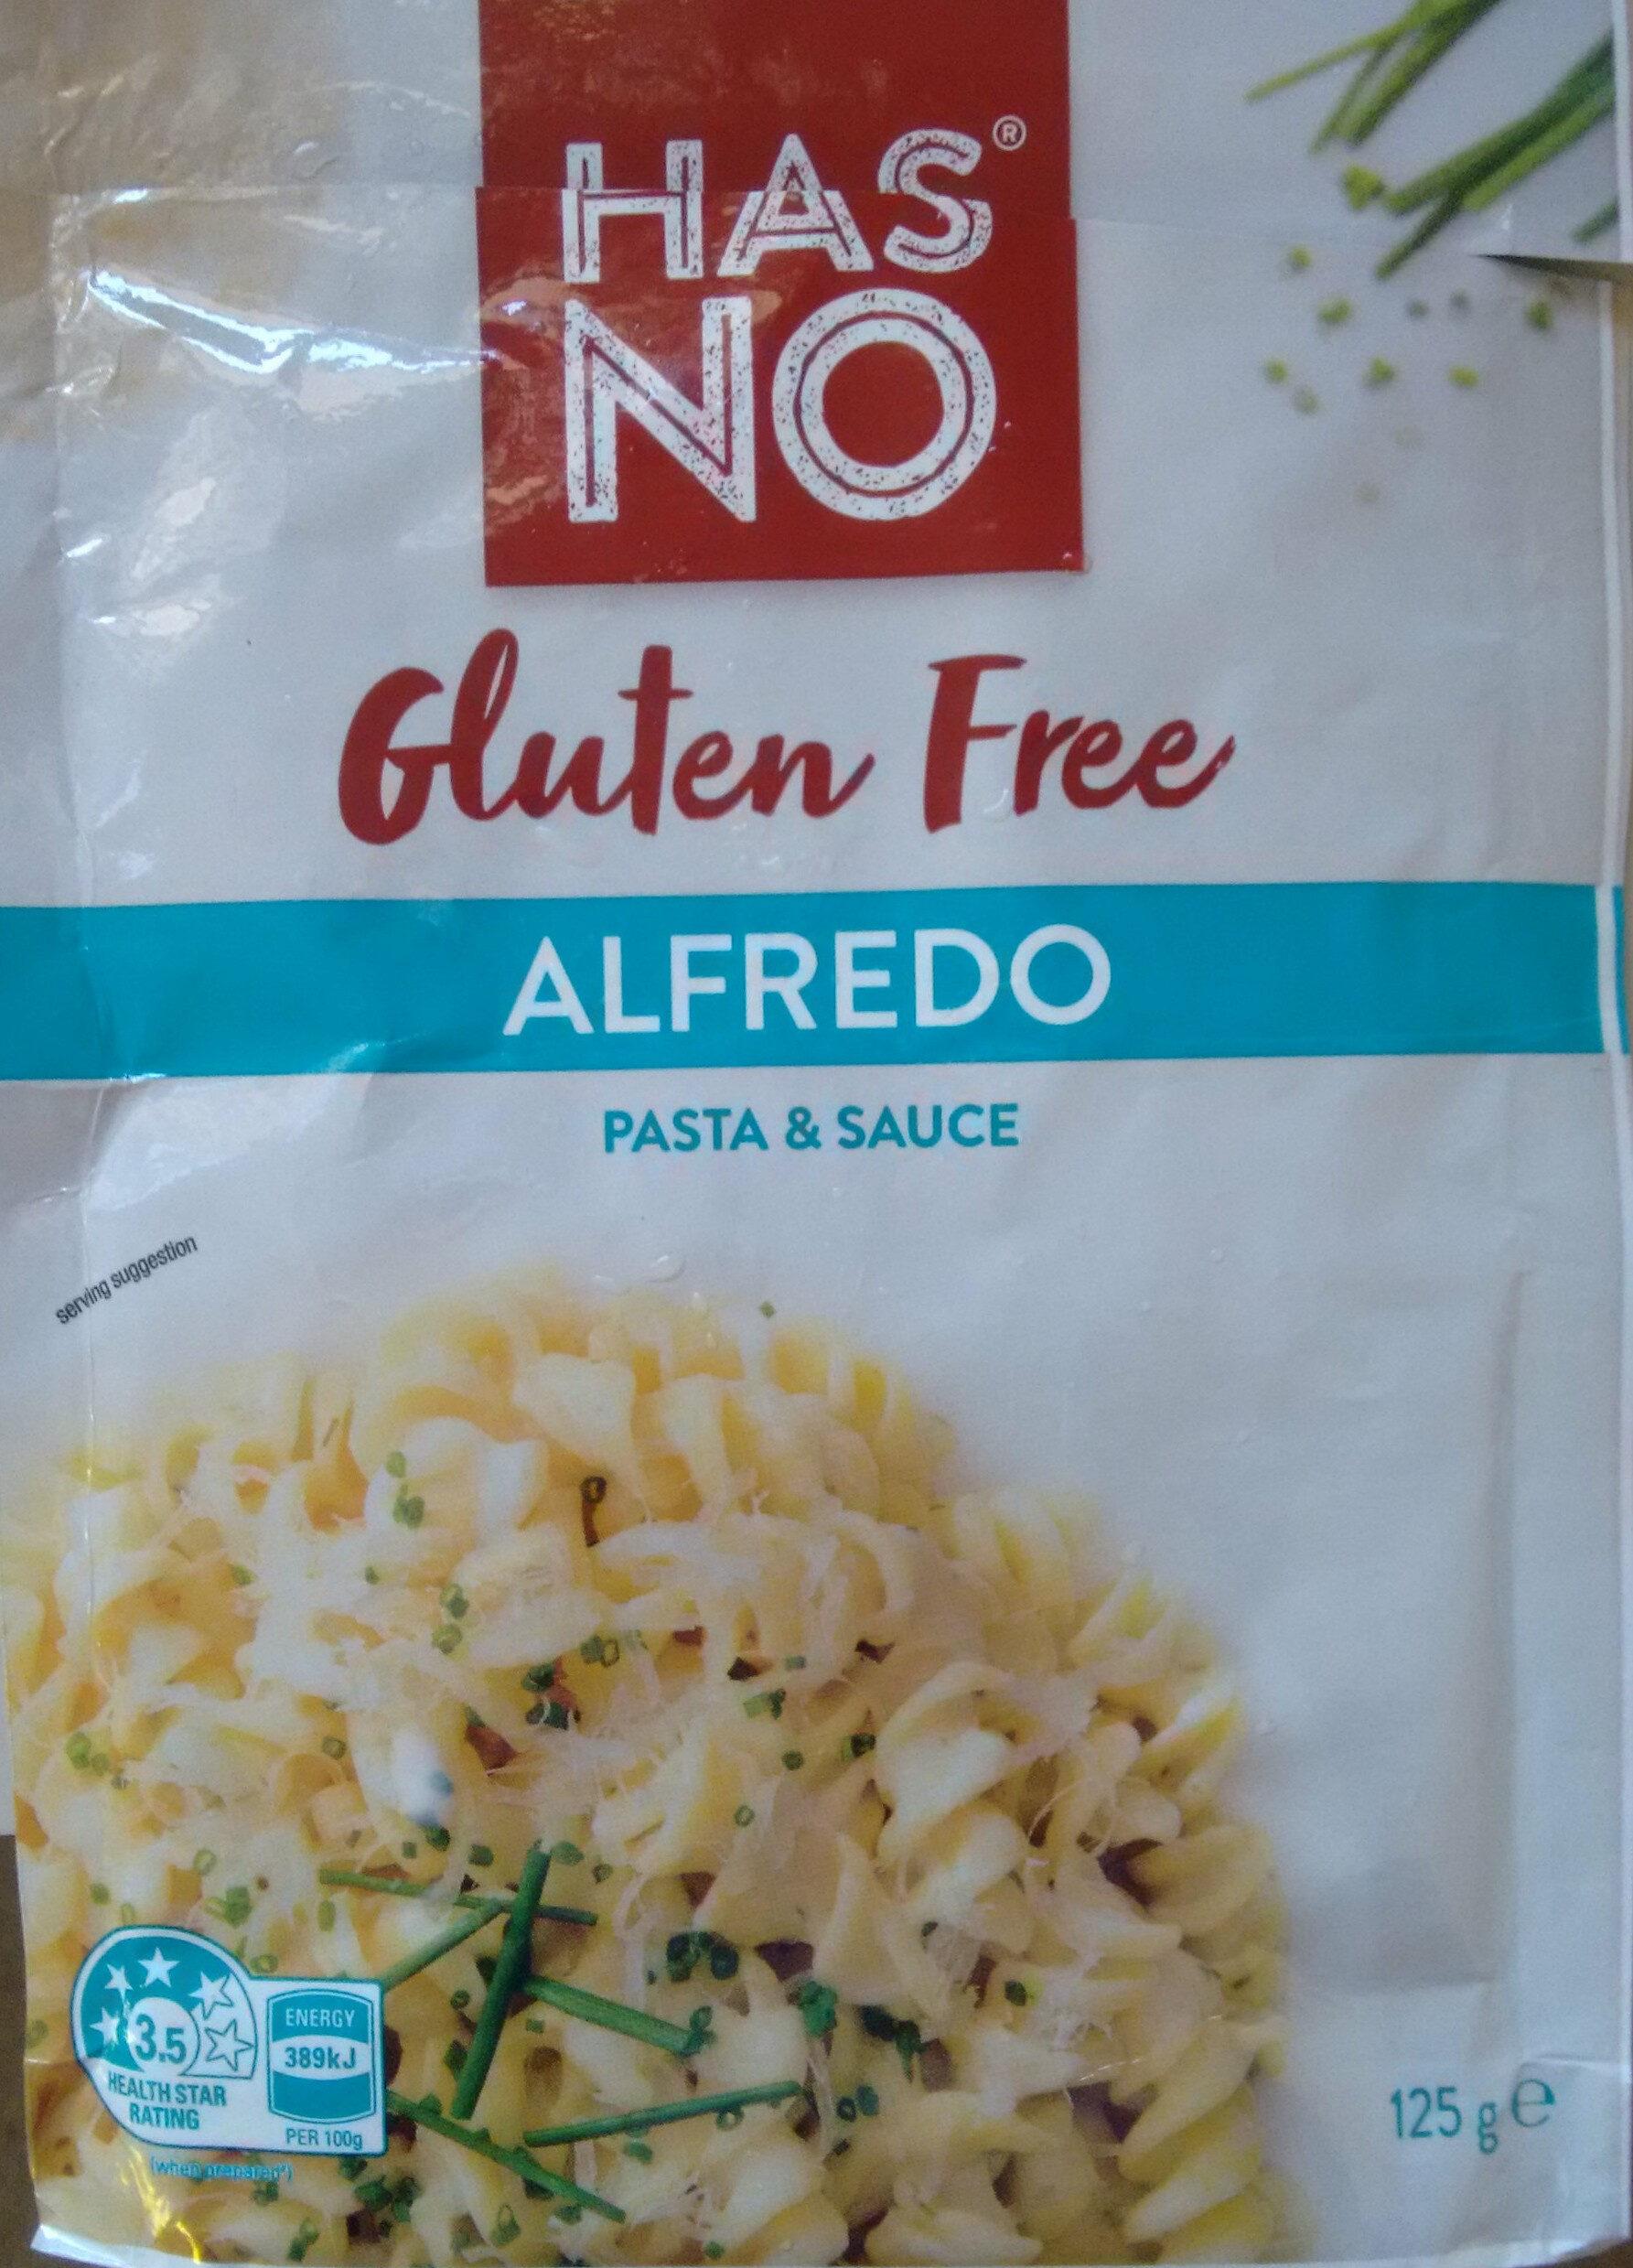 Gluten Free Alfredo Pasta & Sauce - Product